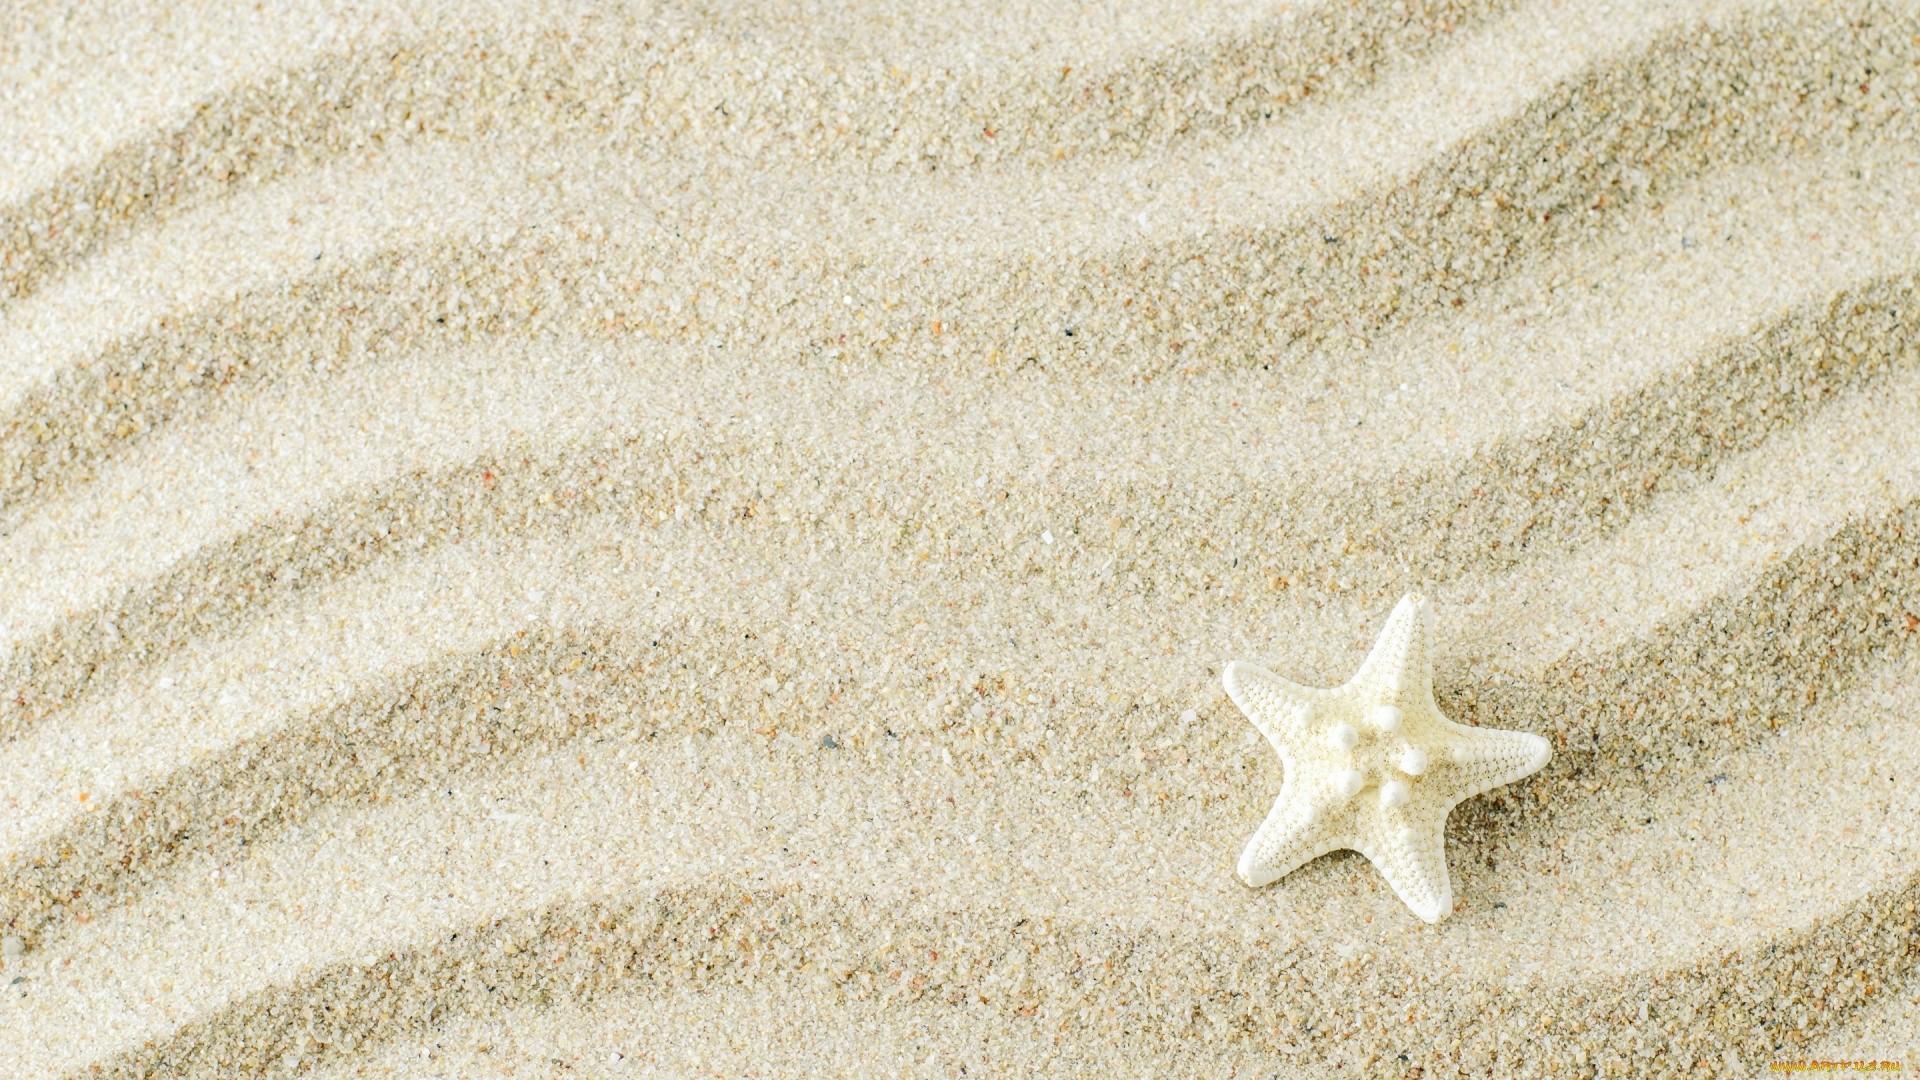 Texture Sand computer wallpaper